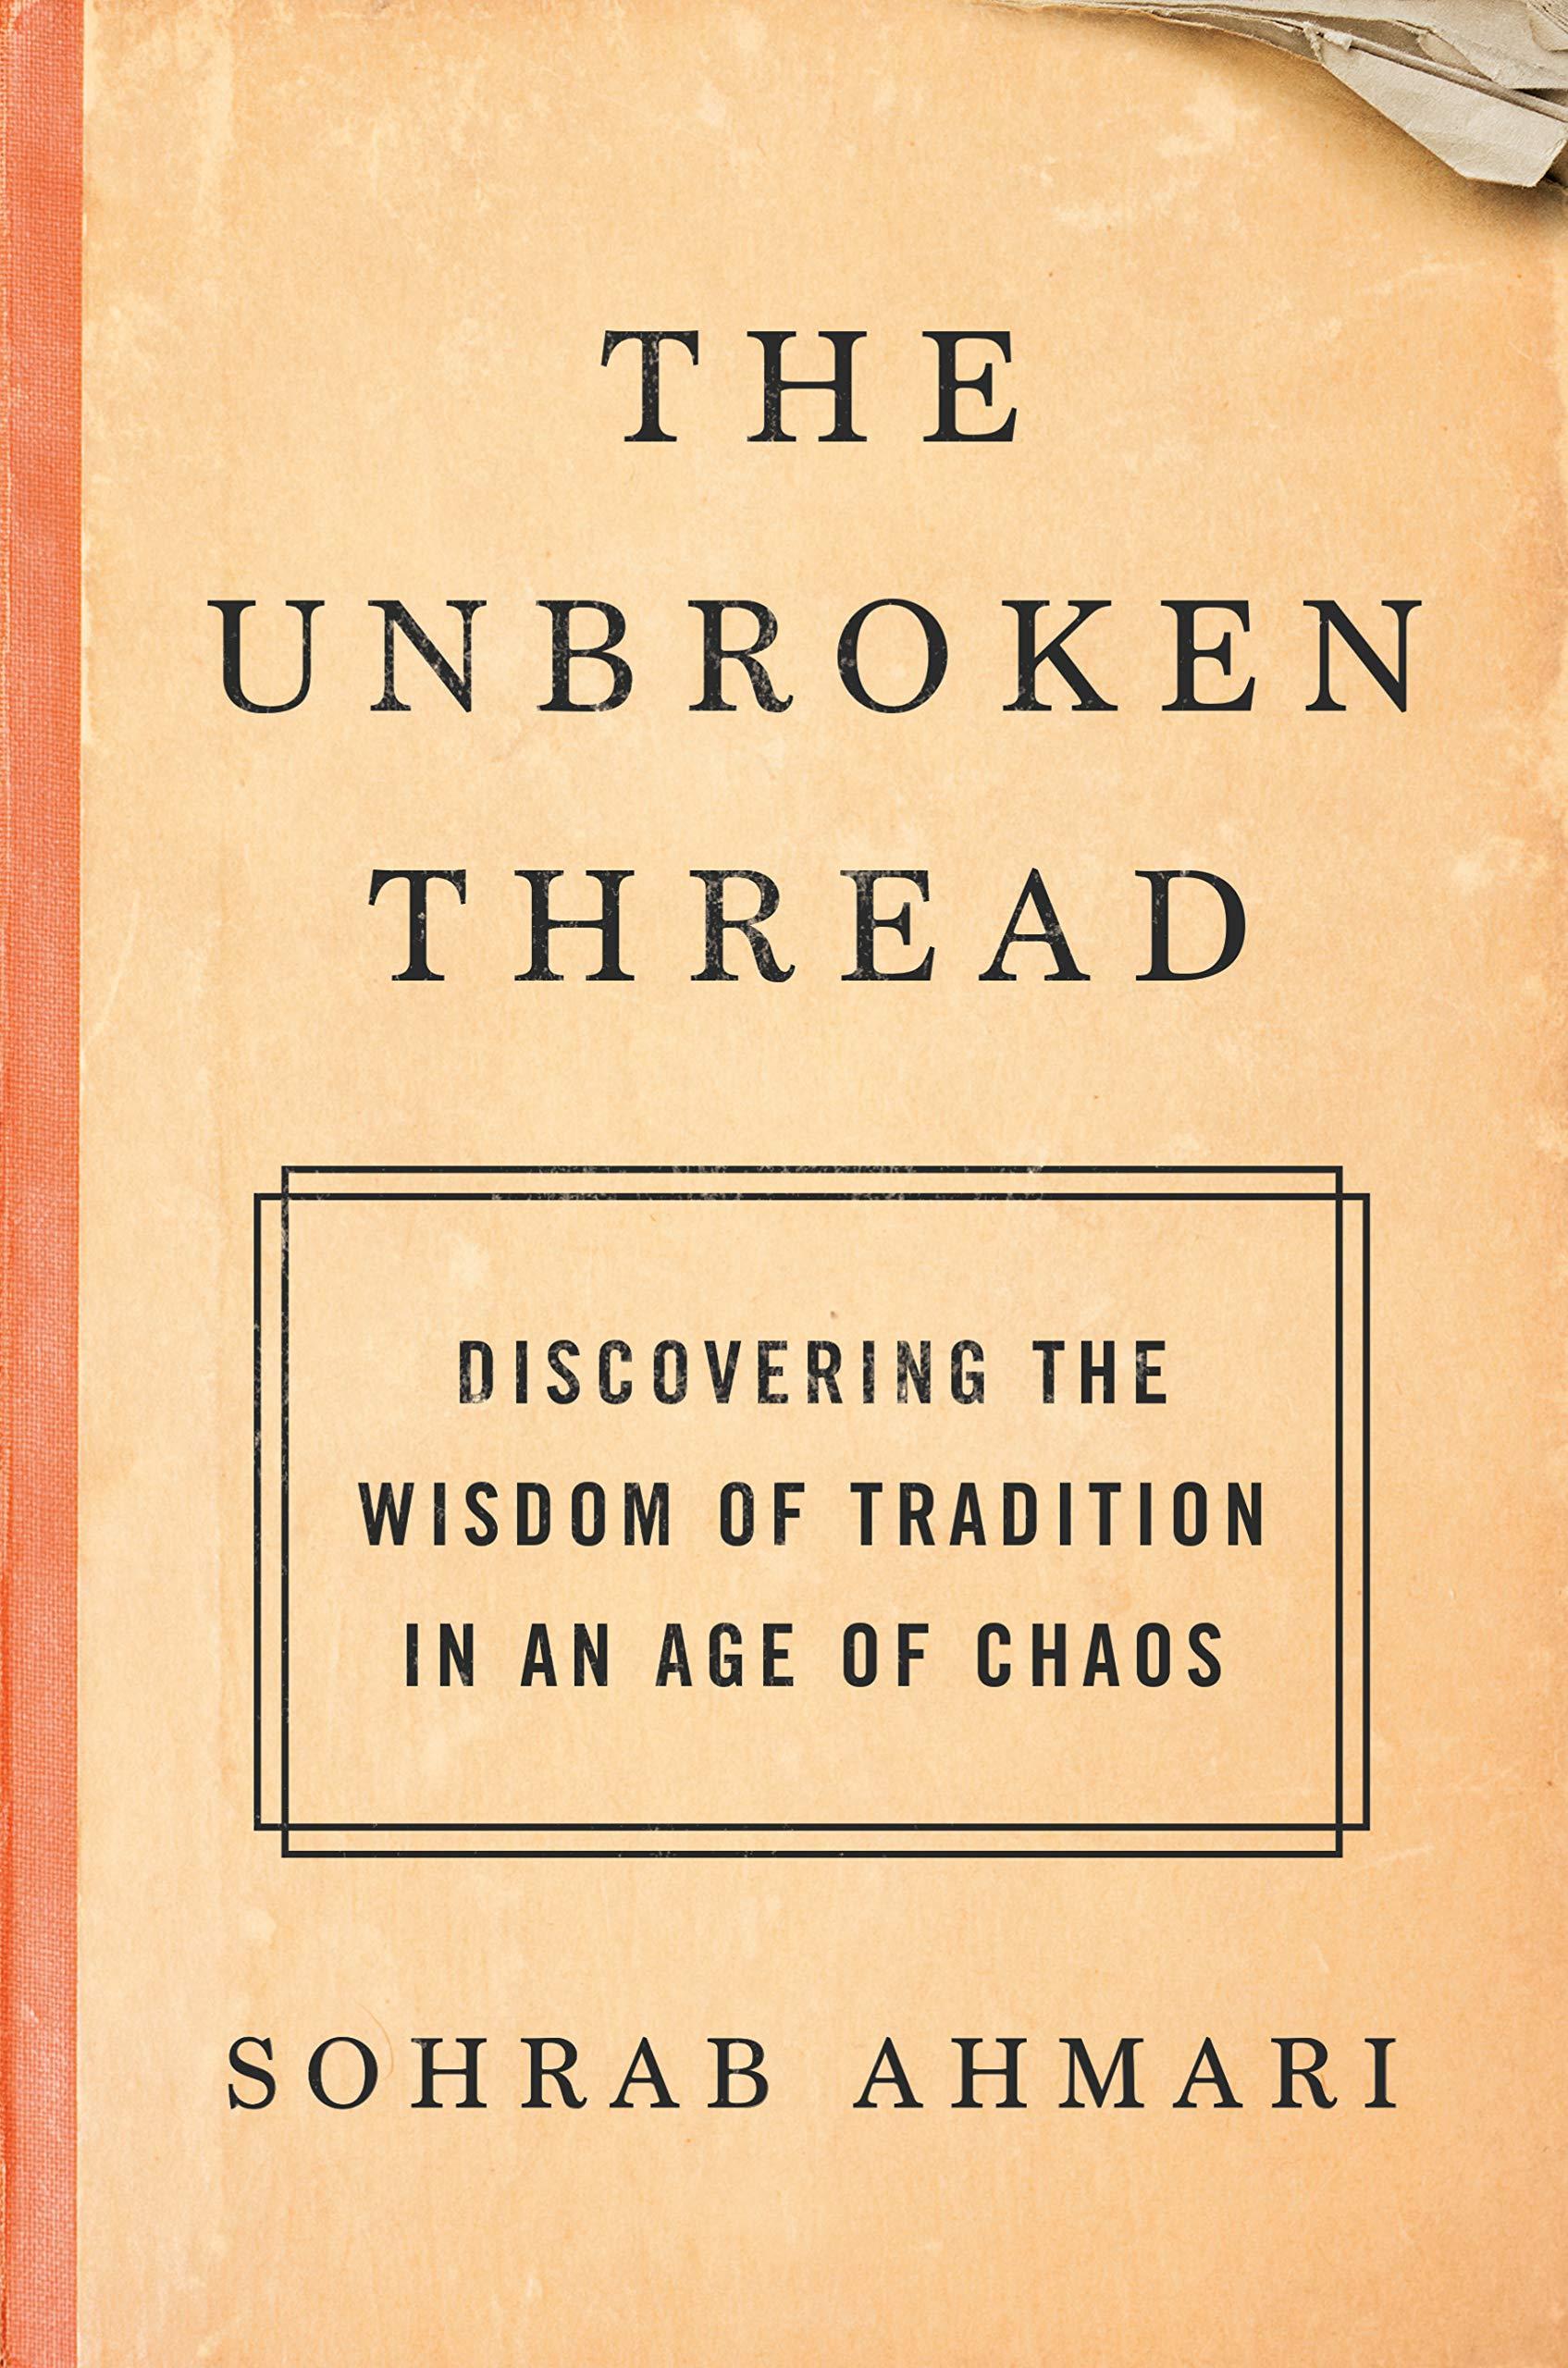 THE UNBROKEN THREAD. AHMANI